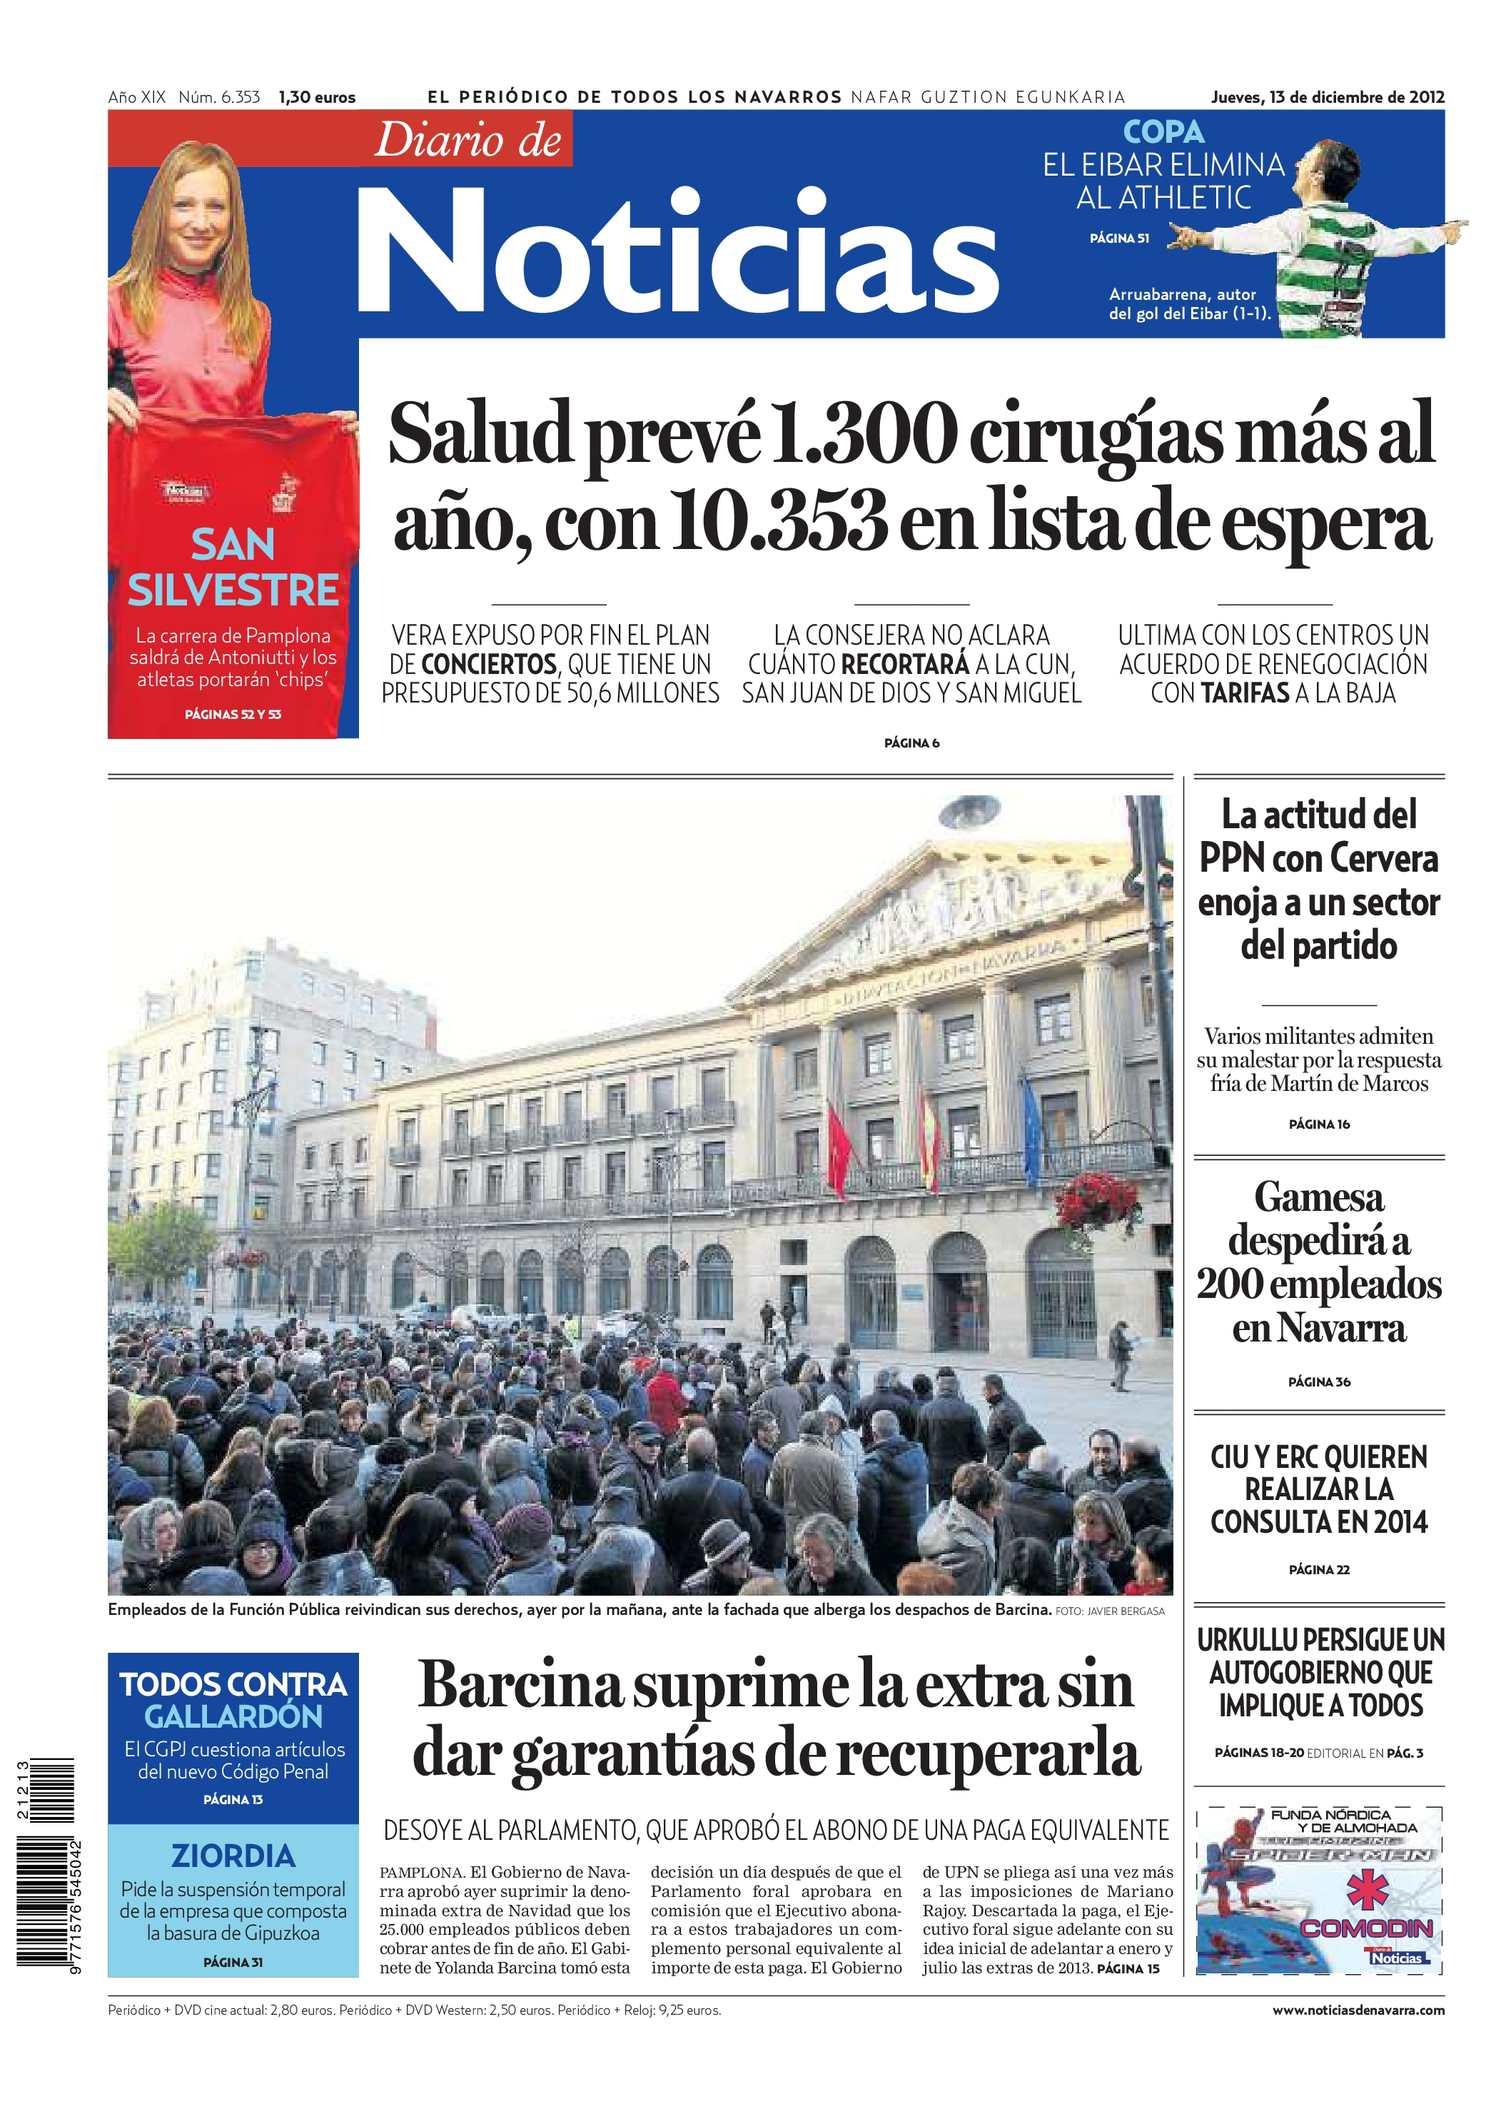 Calaméo - Diario de Noticias 20121213 c34f54ec9ea